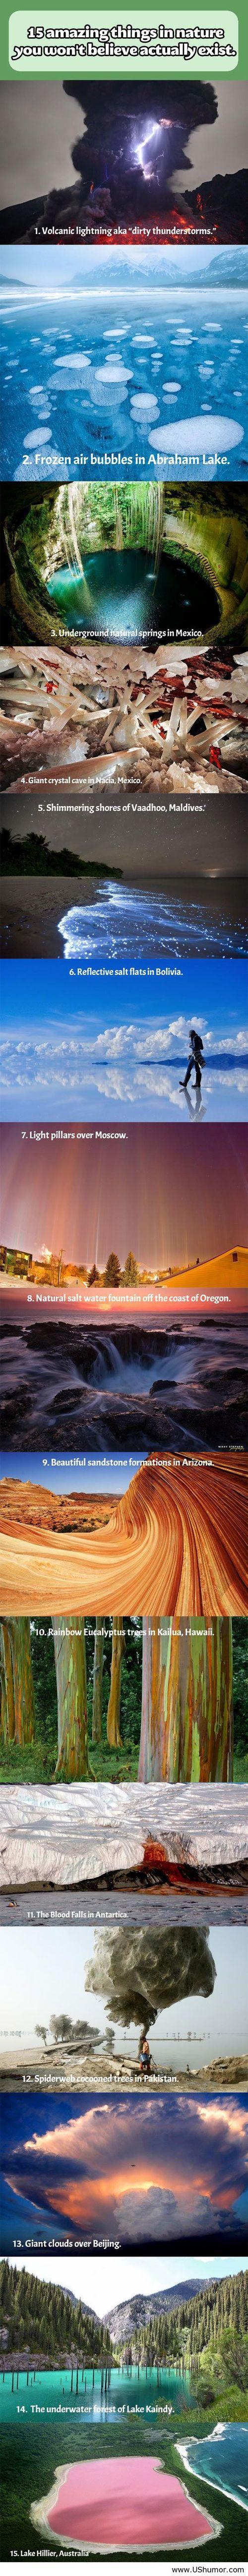 Amazing nature around the world! I'll pass on #12!